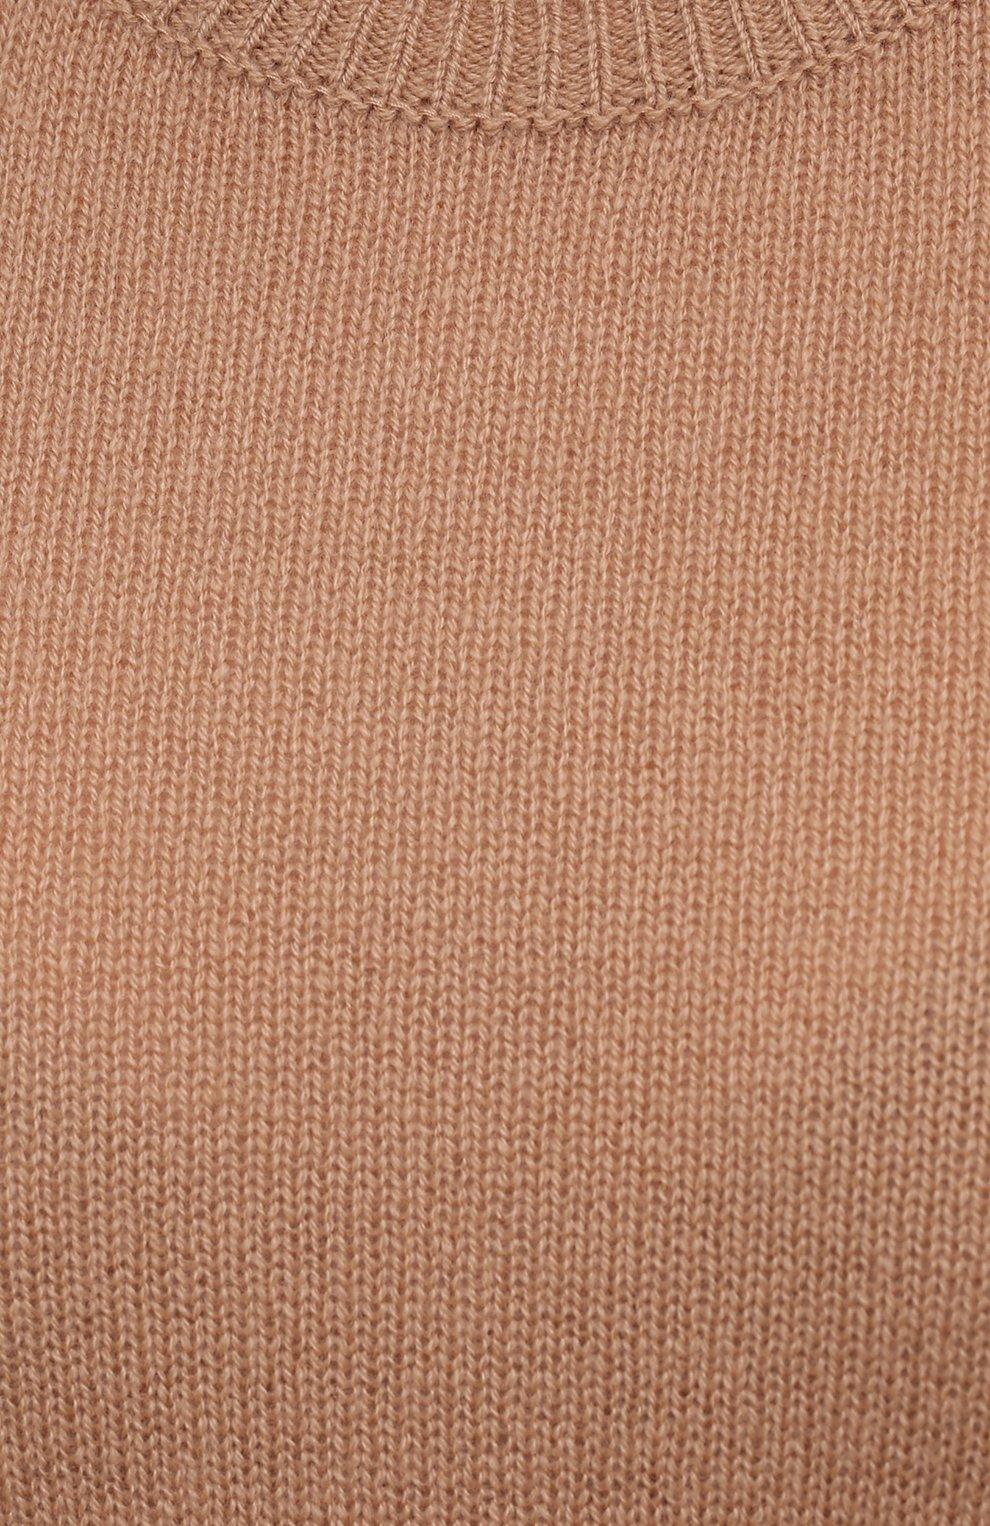 Женский кашемировый пуловер THEORY бежевого цвета, арт. J0118711   Фото 5 (Материал внешний: Шерсть, Кашемир; Рукава: Длинные; Длина (для топов): Стандартные; Женское Кросс-КТ: Пуловер-одежда; Стили: Кэжуэл)